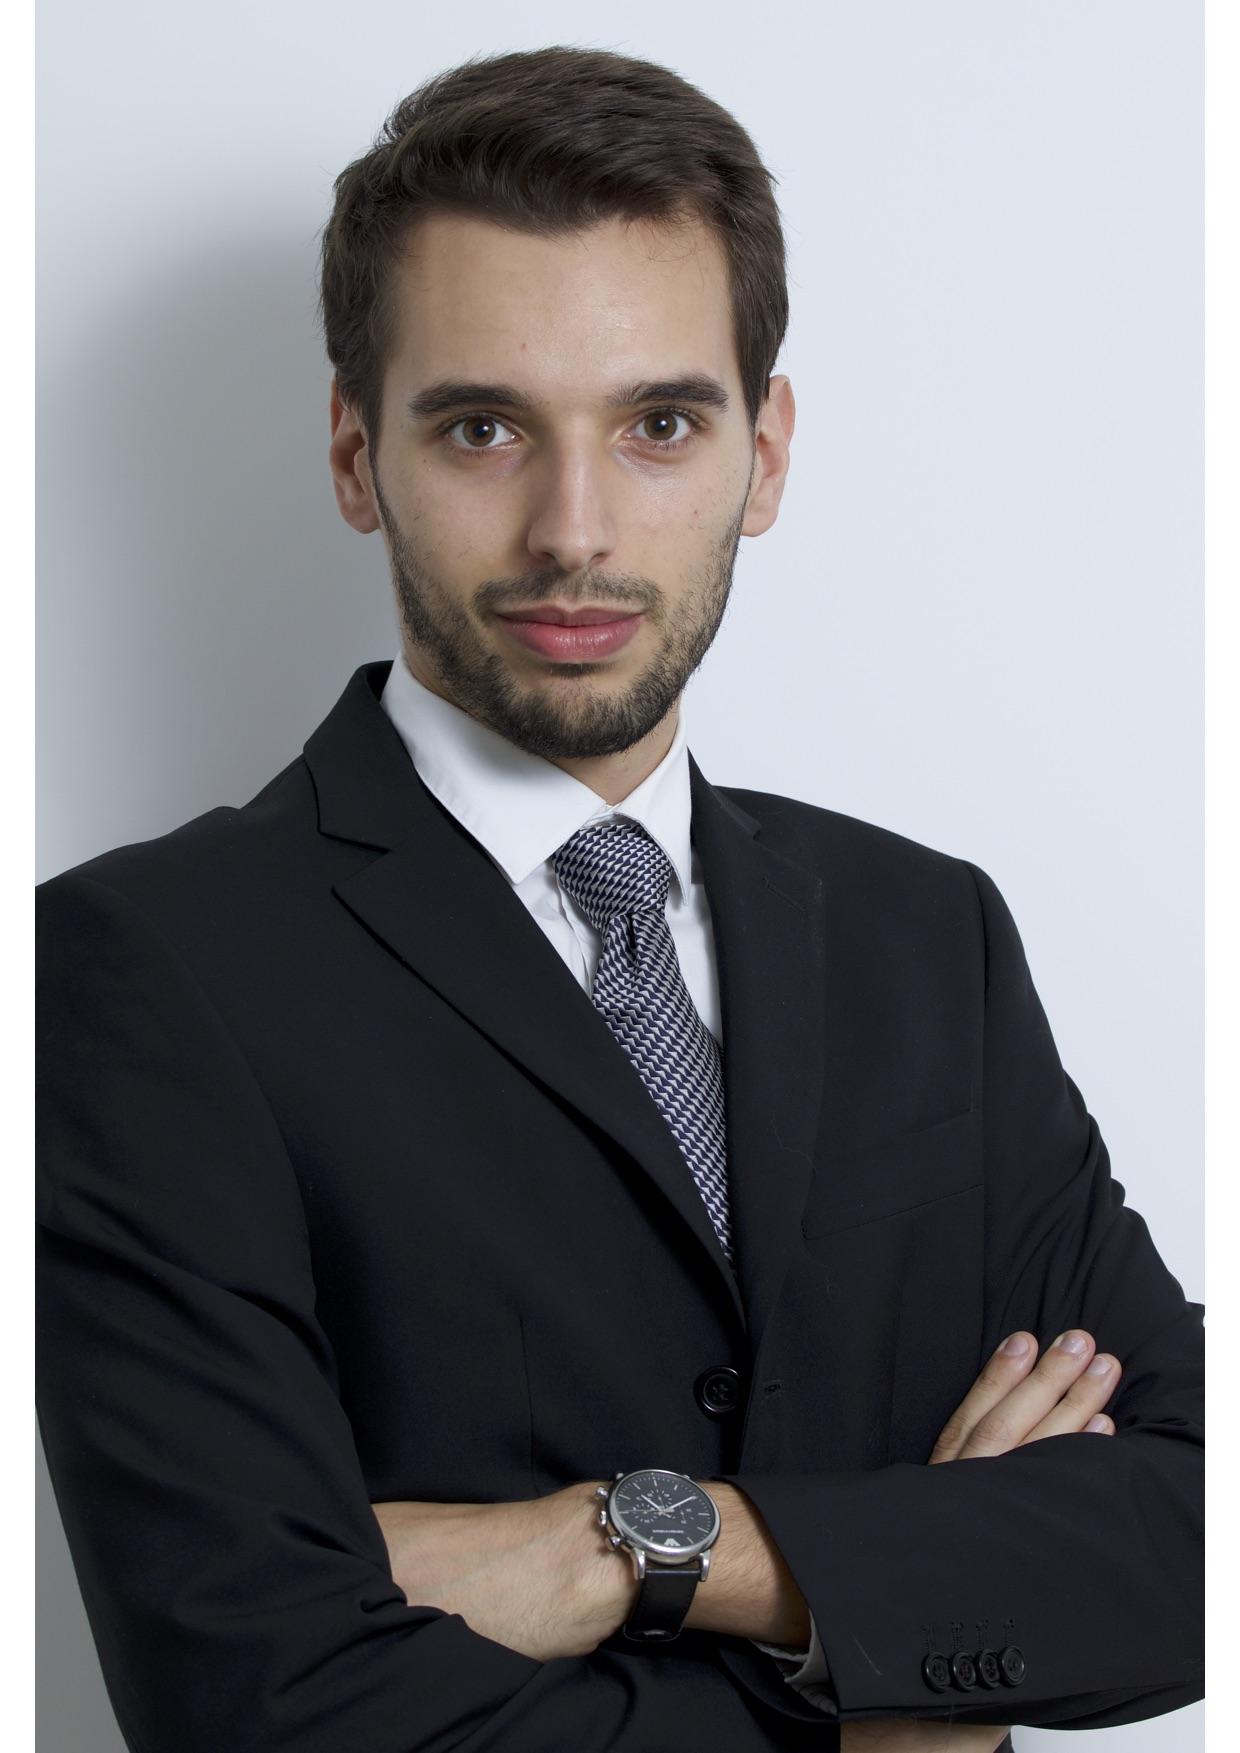 FEDERICO PALMARO - Banche e Sicurezza